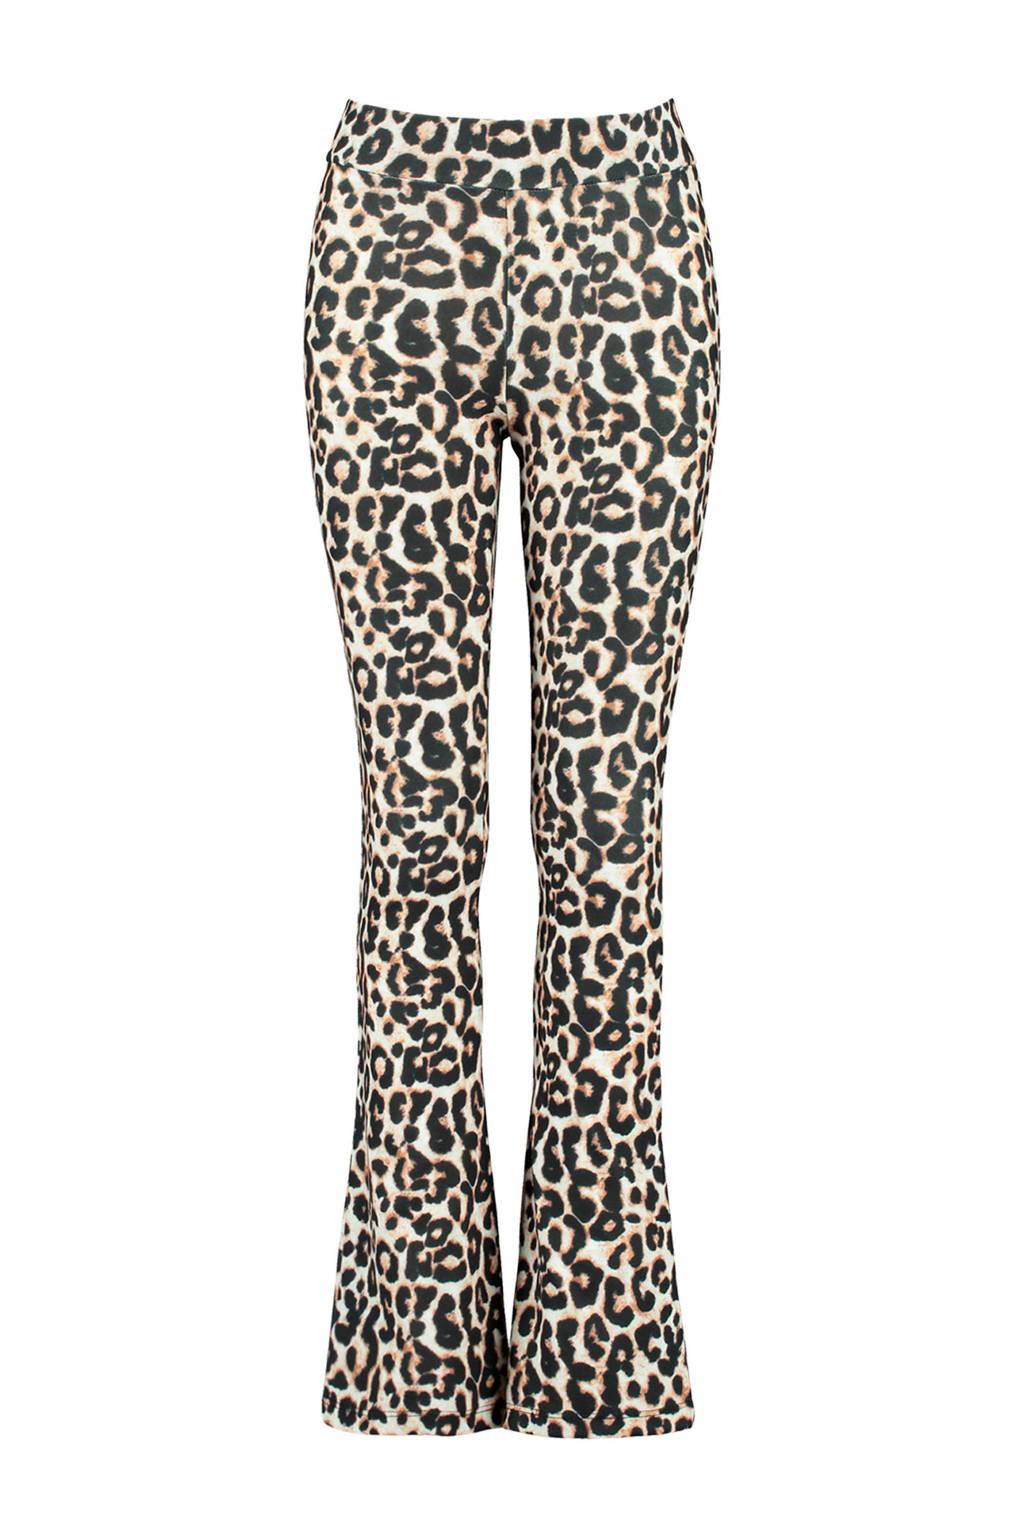 CoolCat Junior flared broek Philou met panterprint ecru/zwart/bruin, Ecru/zwart/bruin